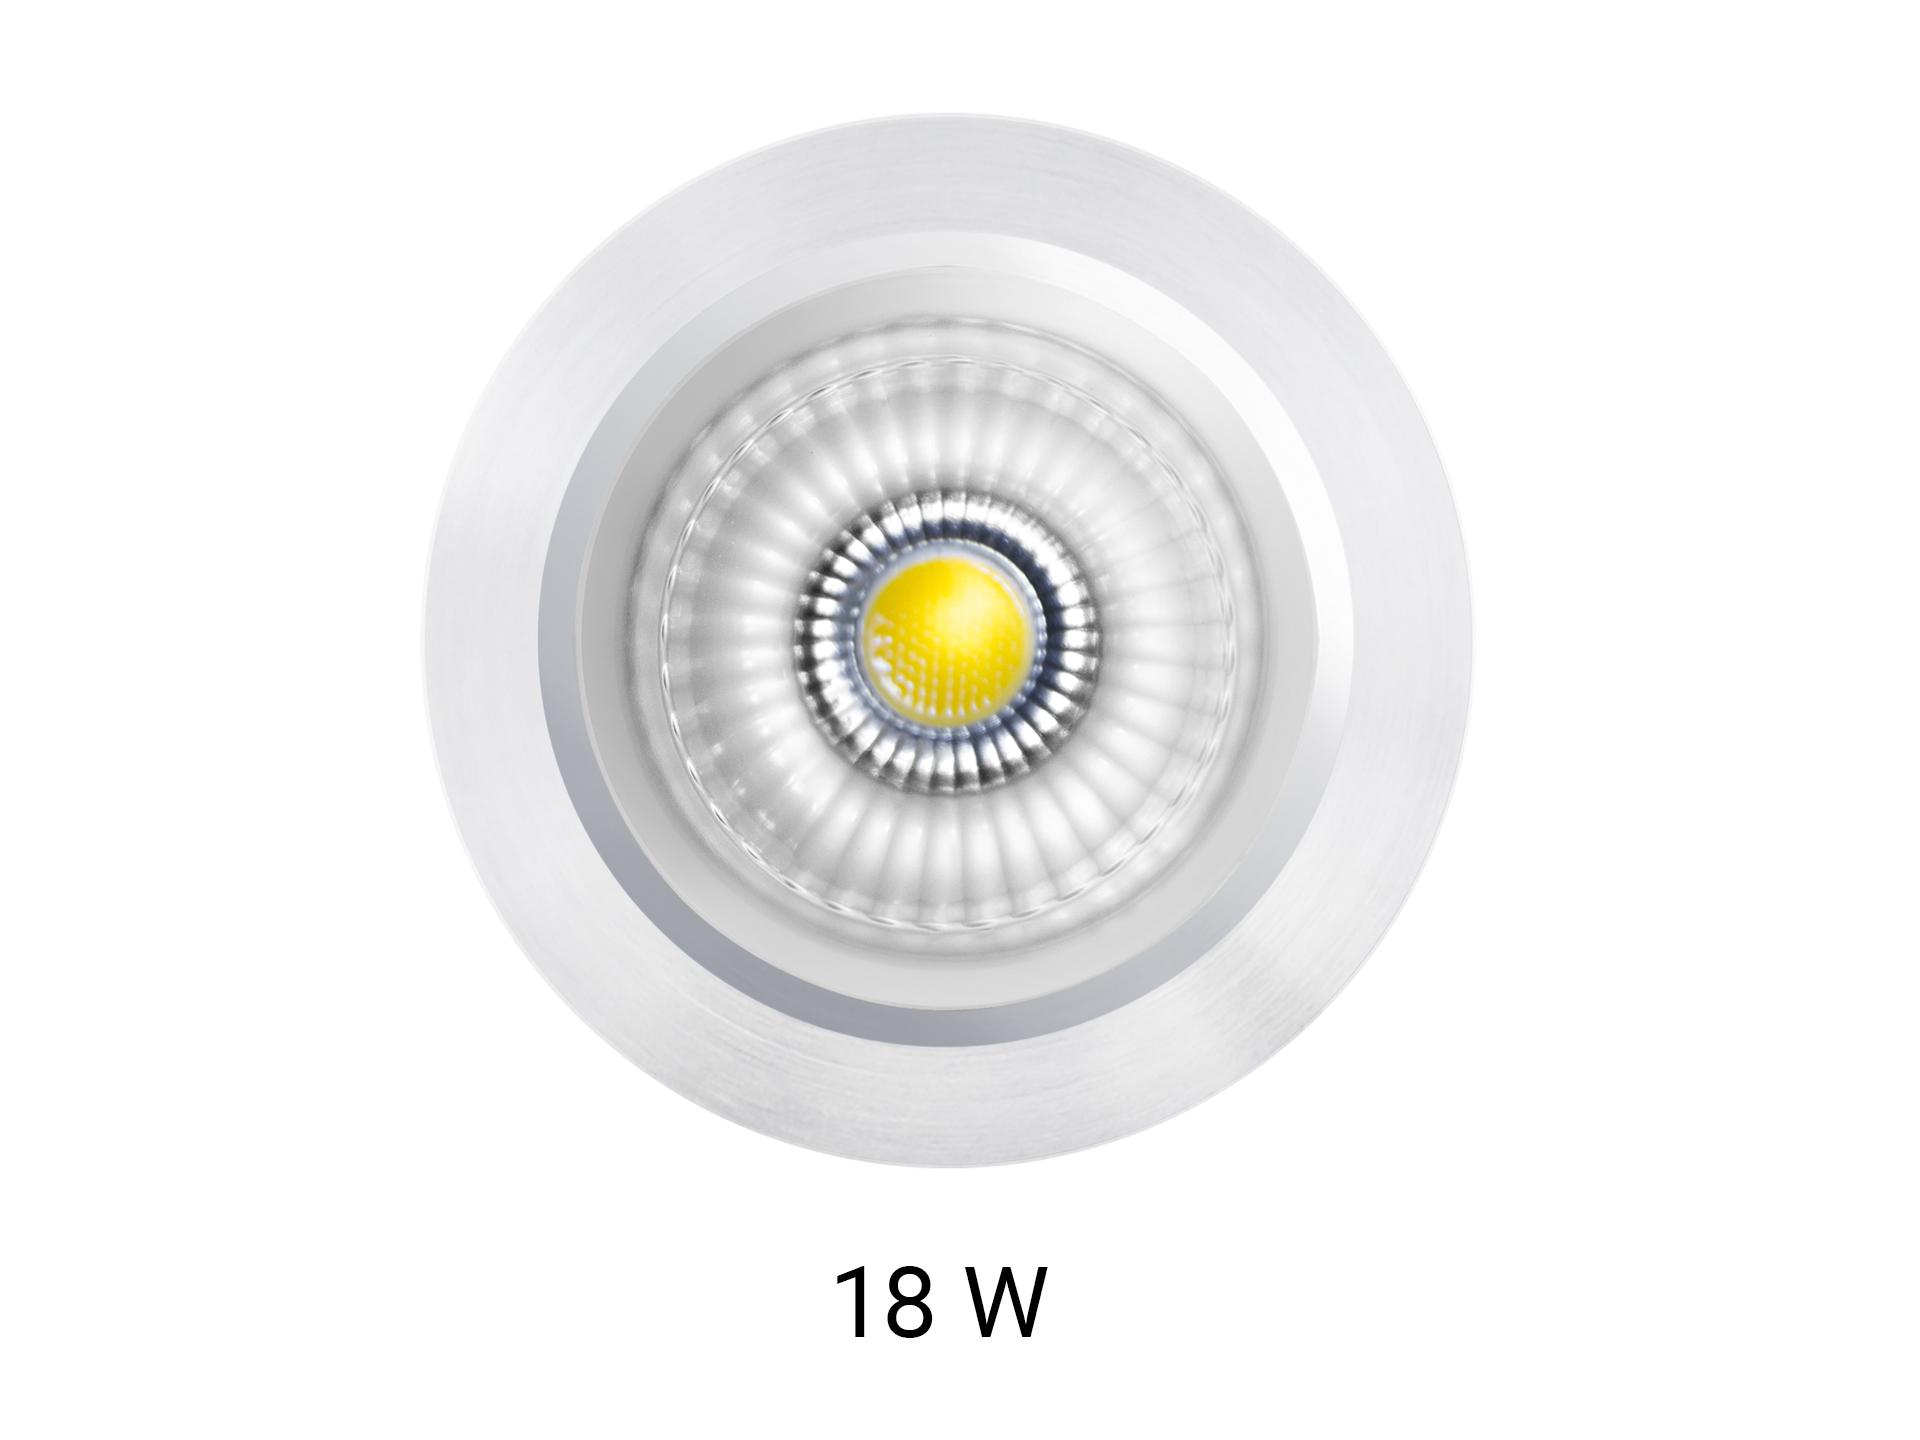 PUNTEO®-J85 Downlight | durlum GmbH